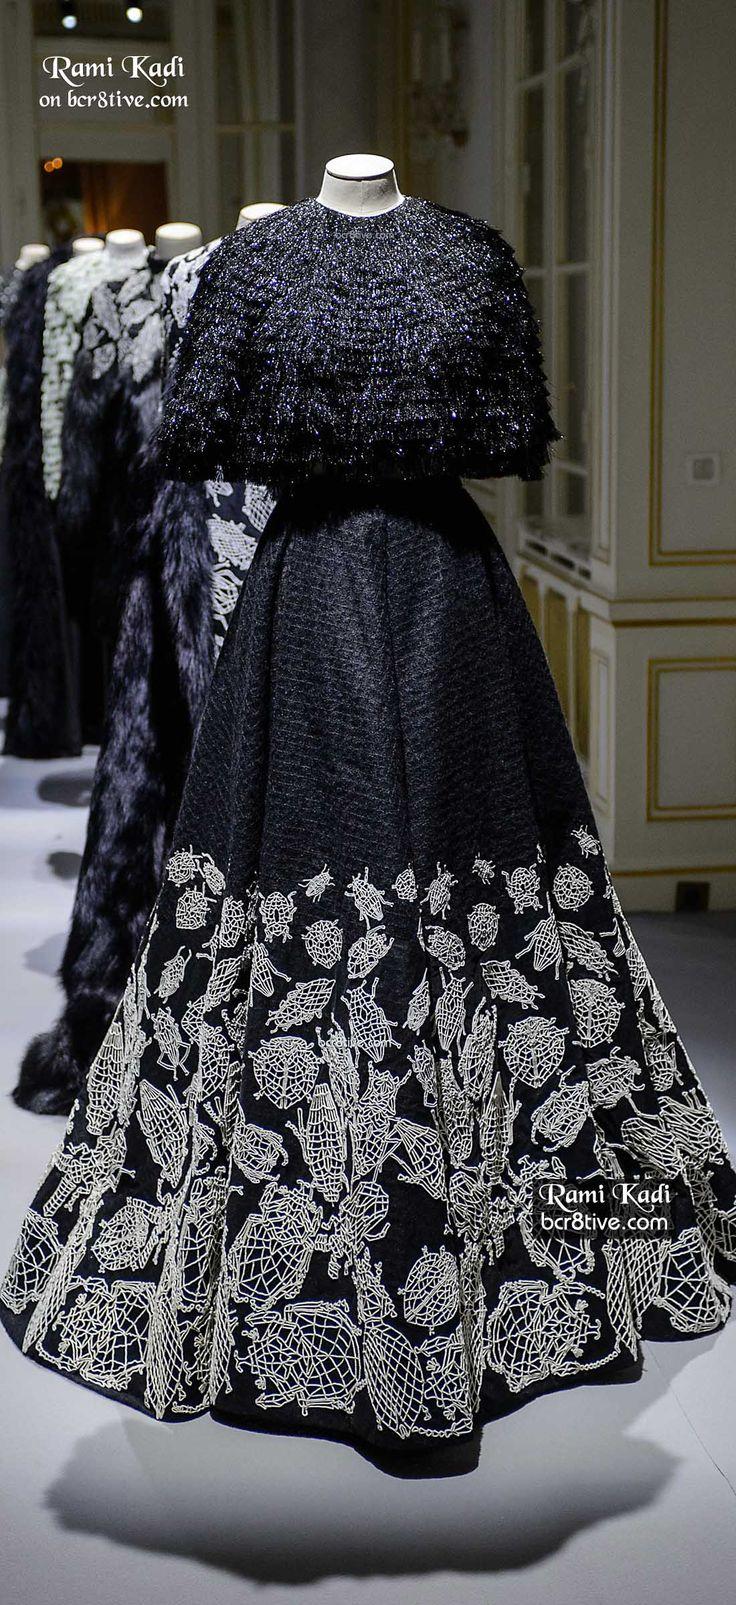 Rami Kadi Haute Couture Fall 2015-16